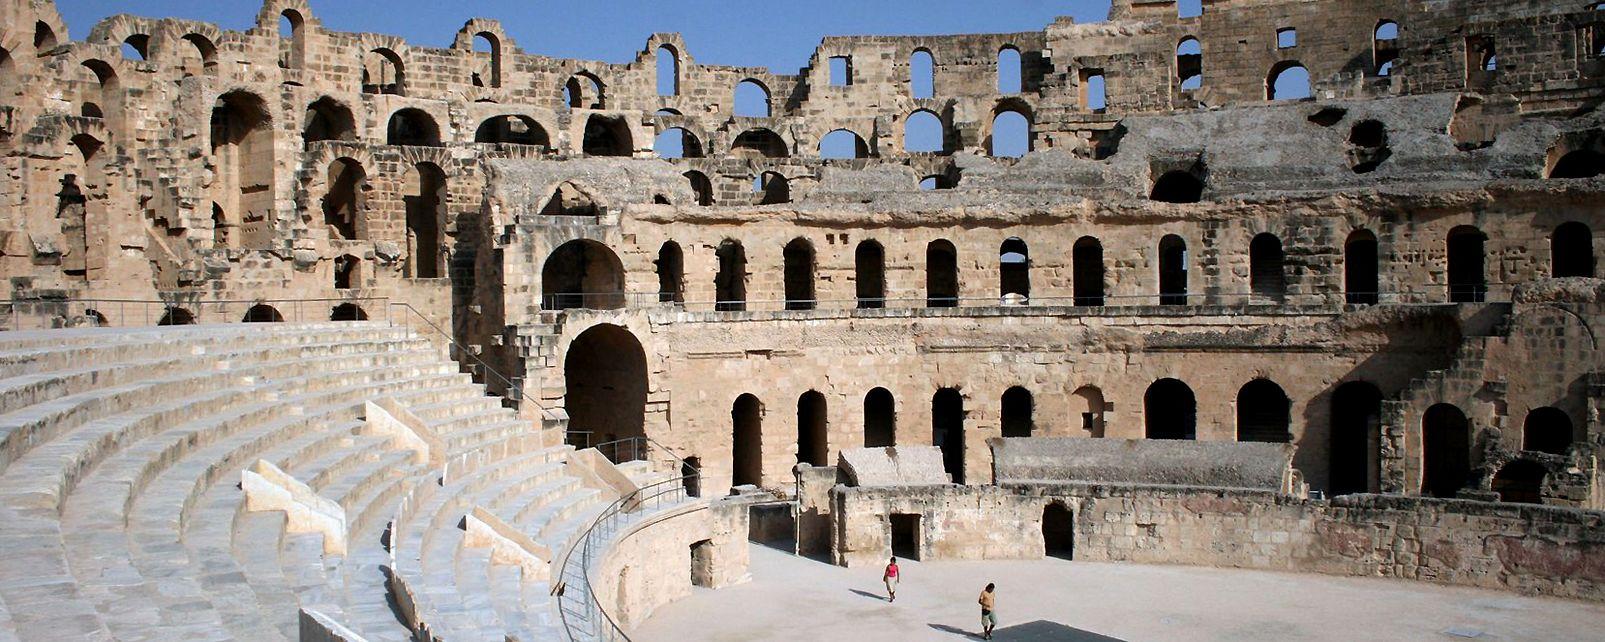 Le colisée d'El Jem, Amphithéâtre d'El-Jem, Les monuments, Sousse, Tunisie